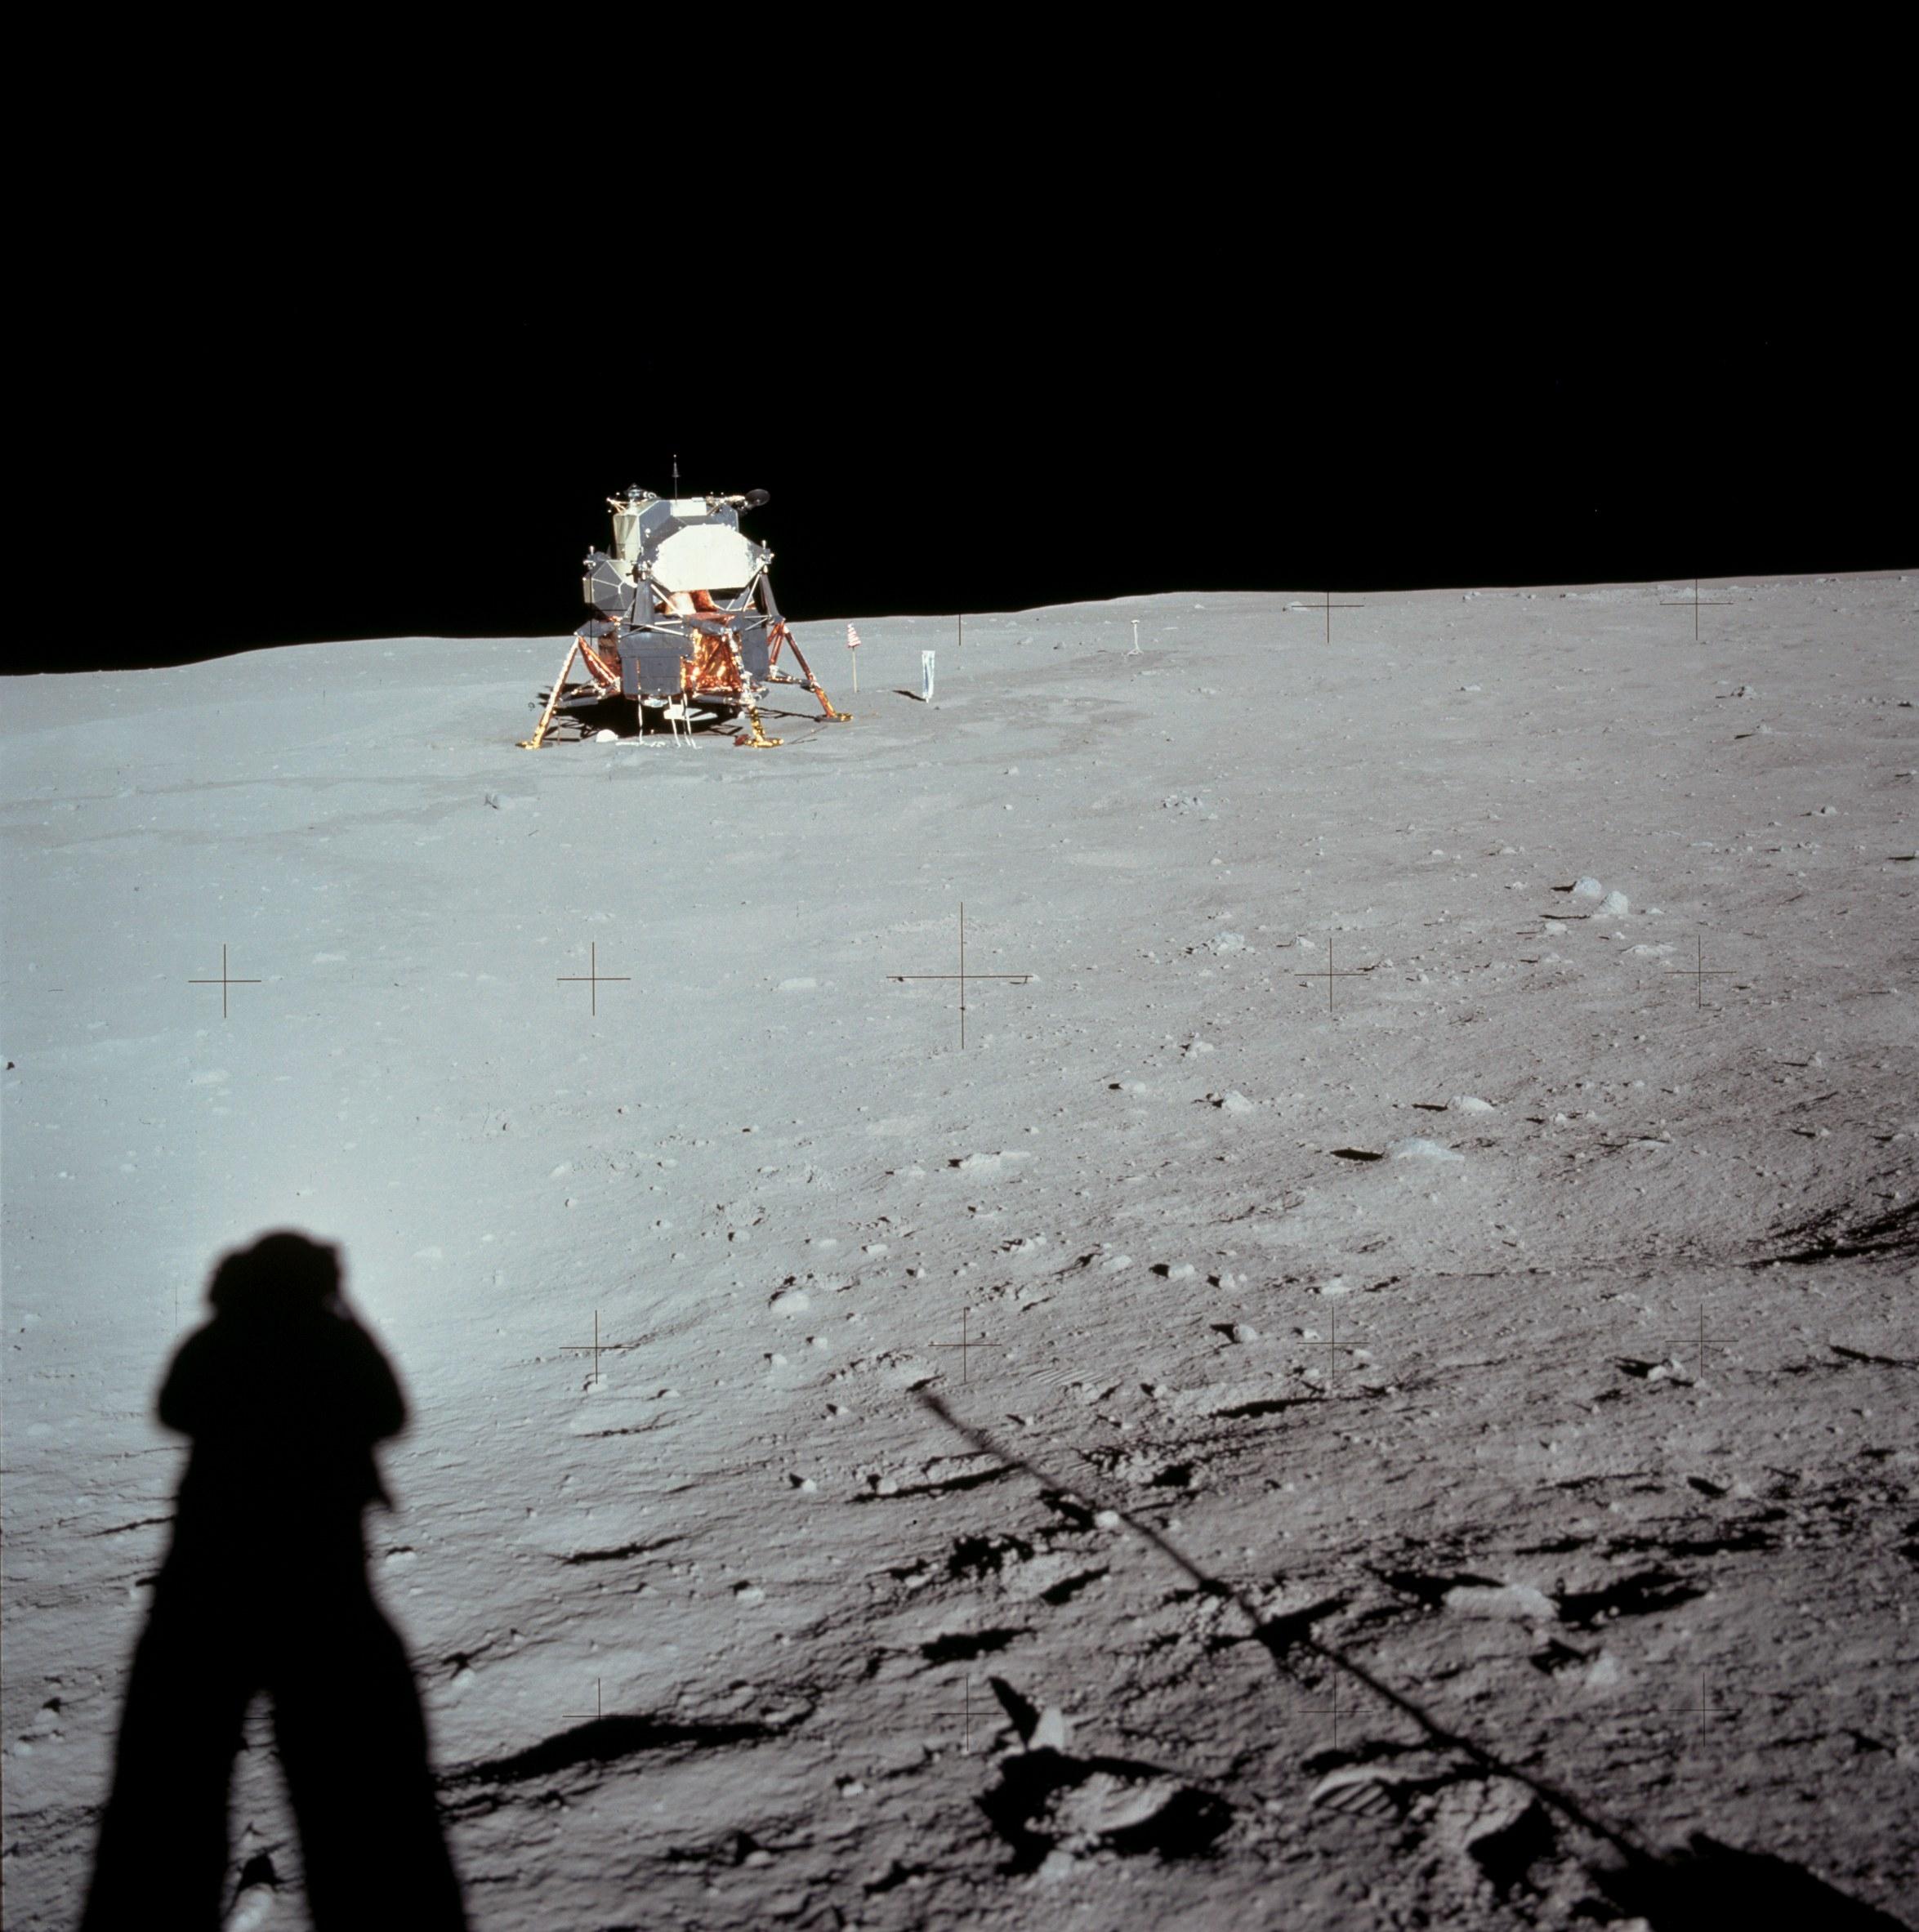 Vue du module lunaire – Mission Apollo 15